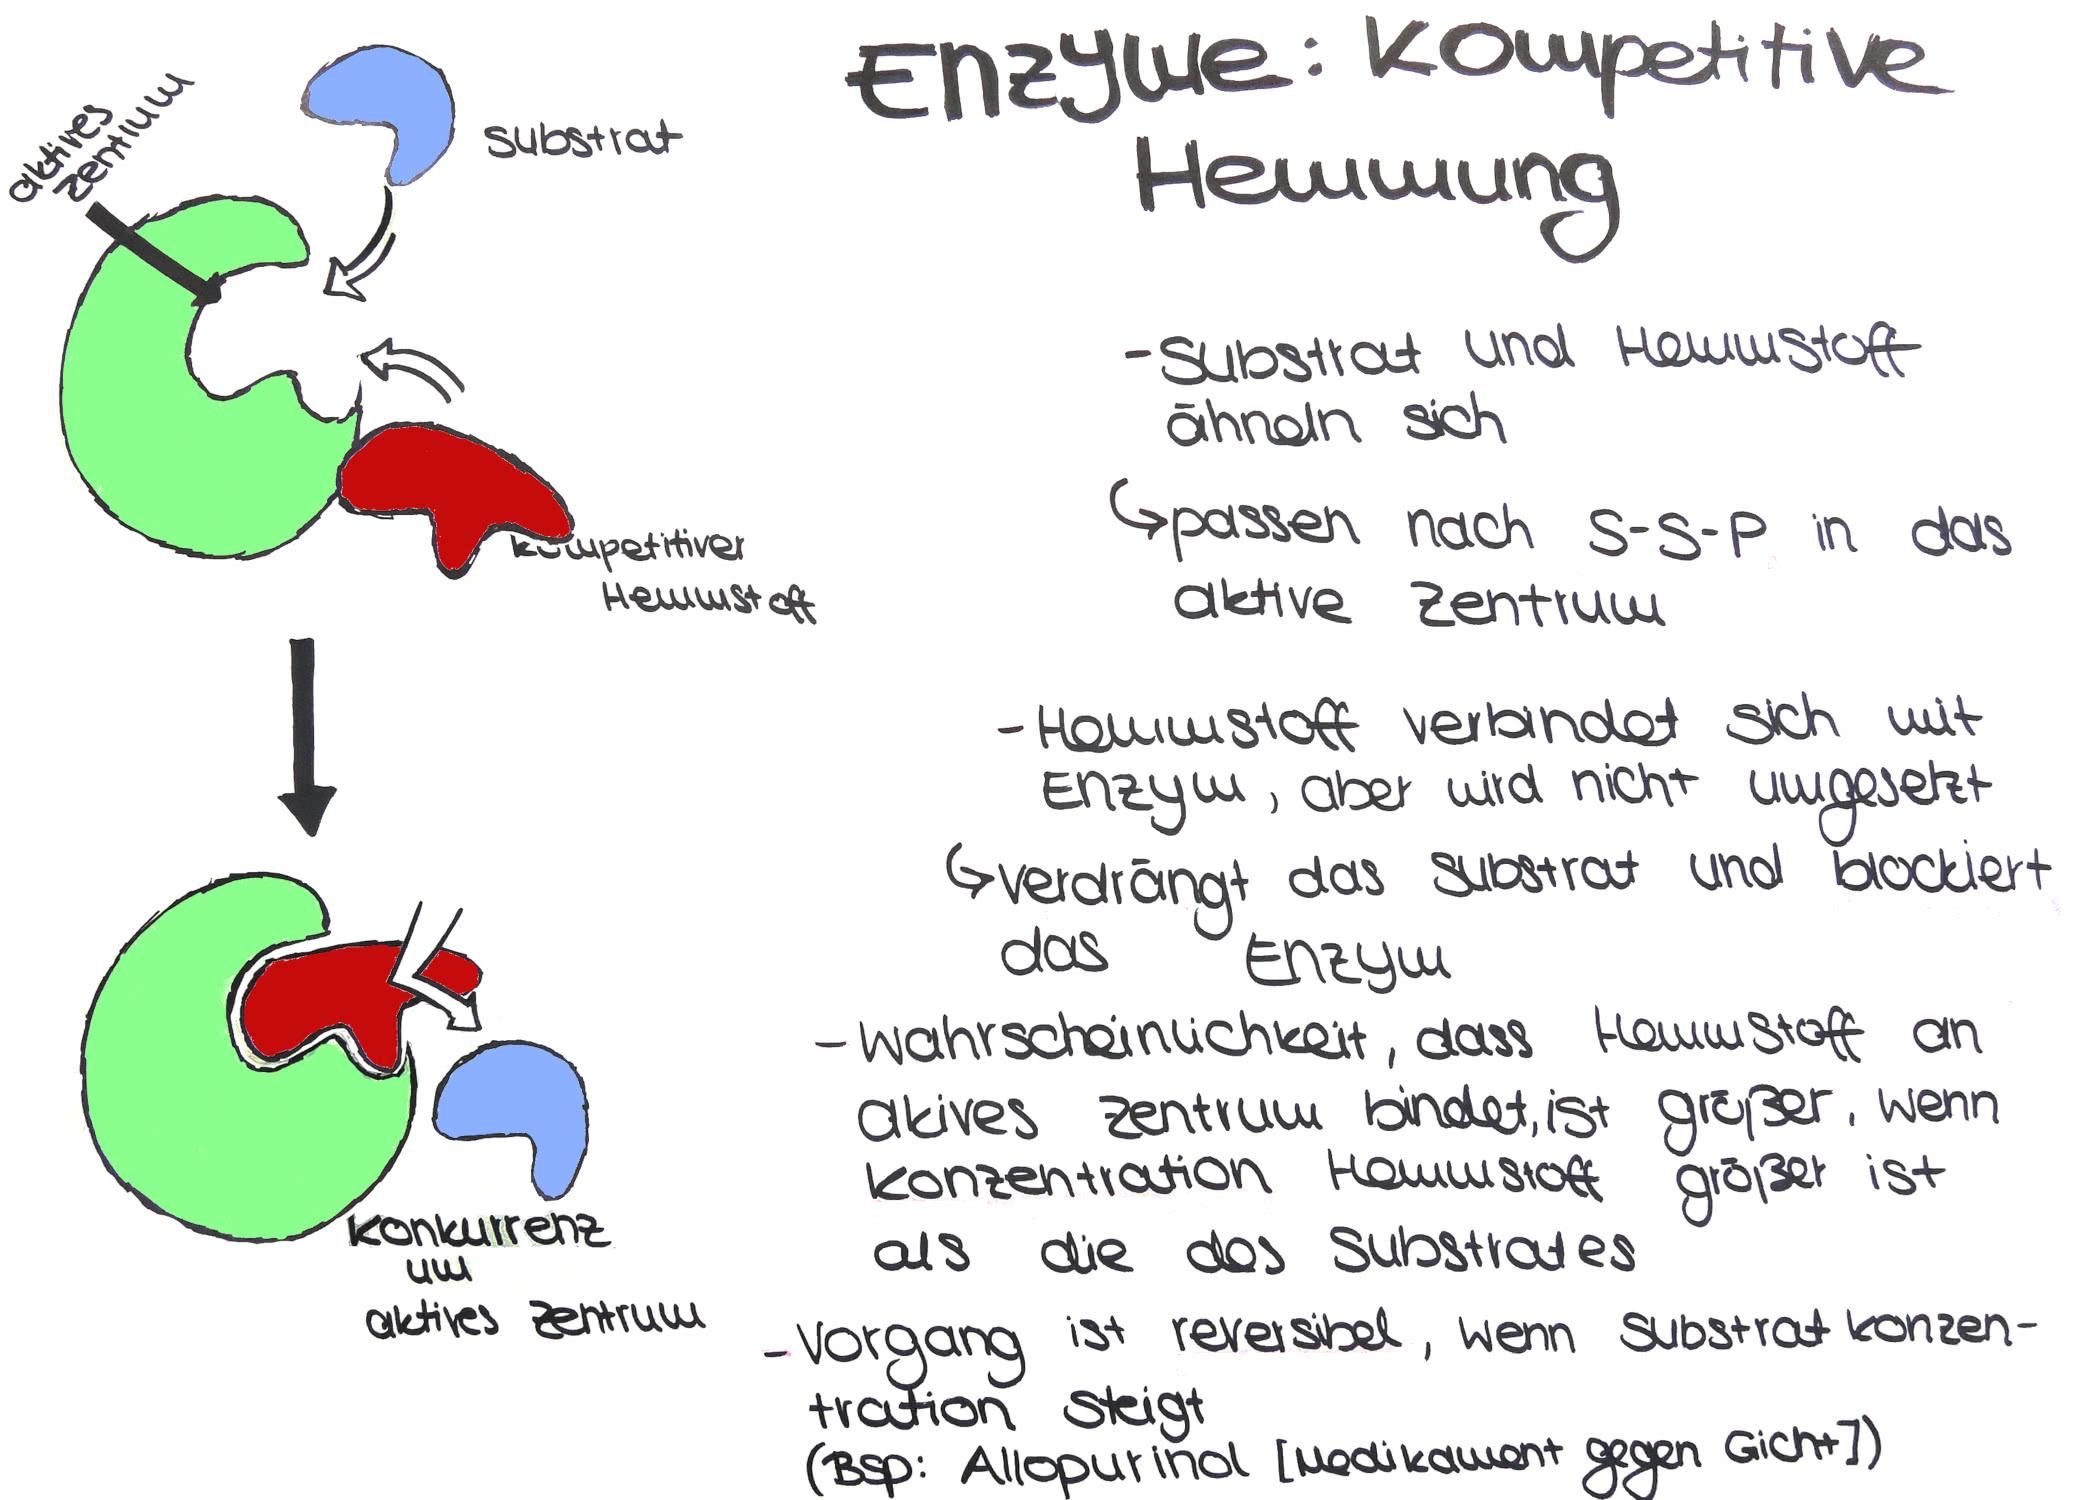 Cytologie Die Kompetitive Enzymhemmung